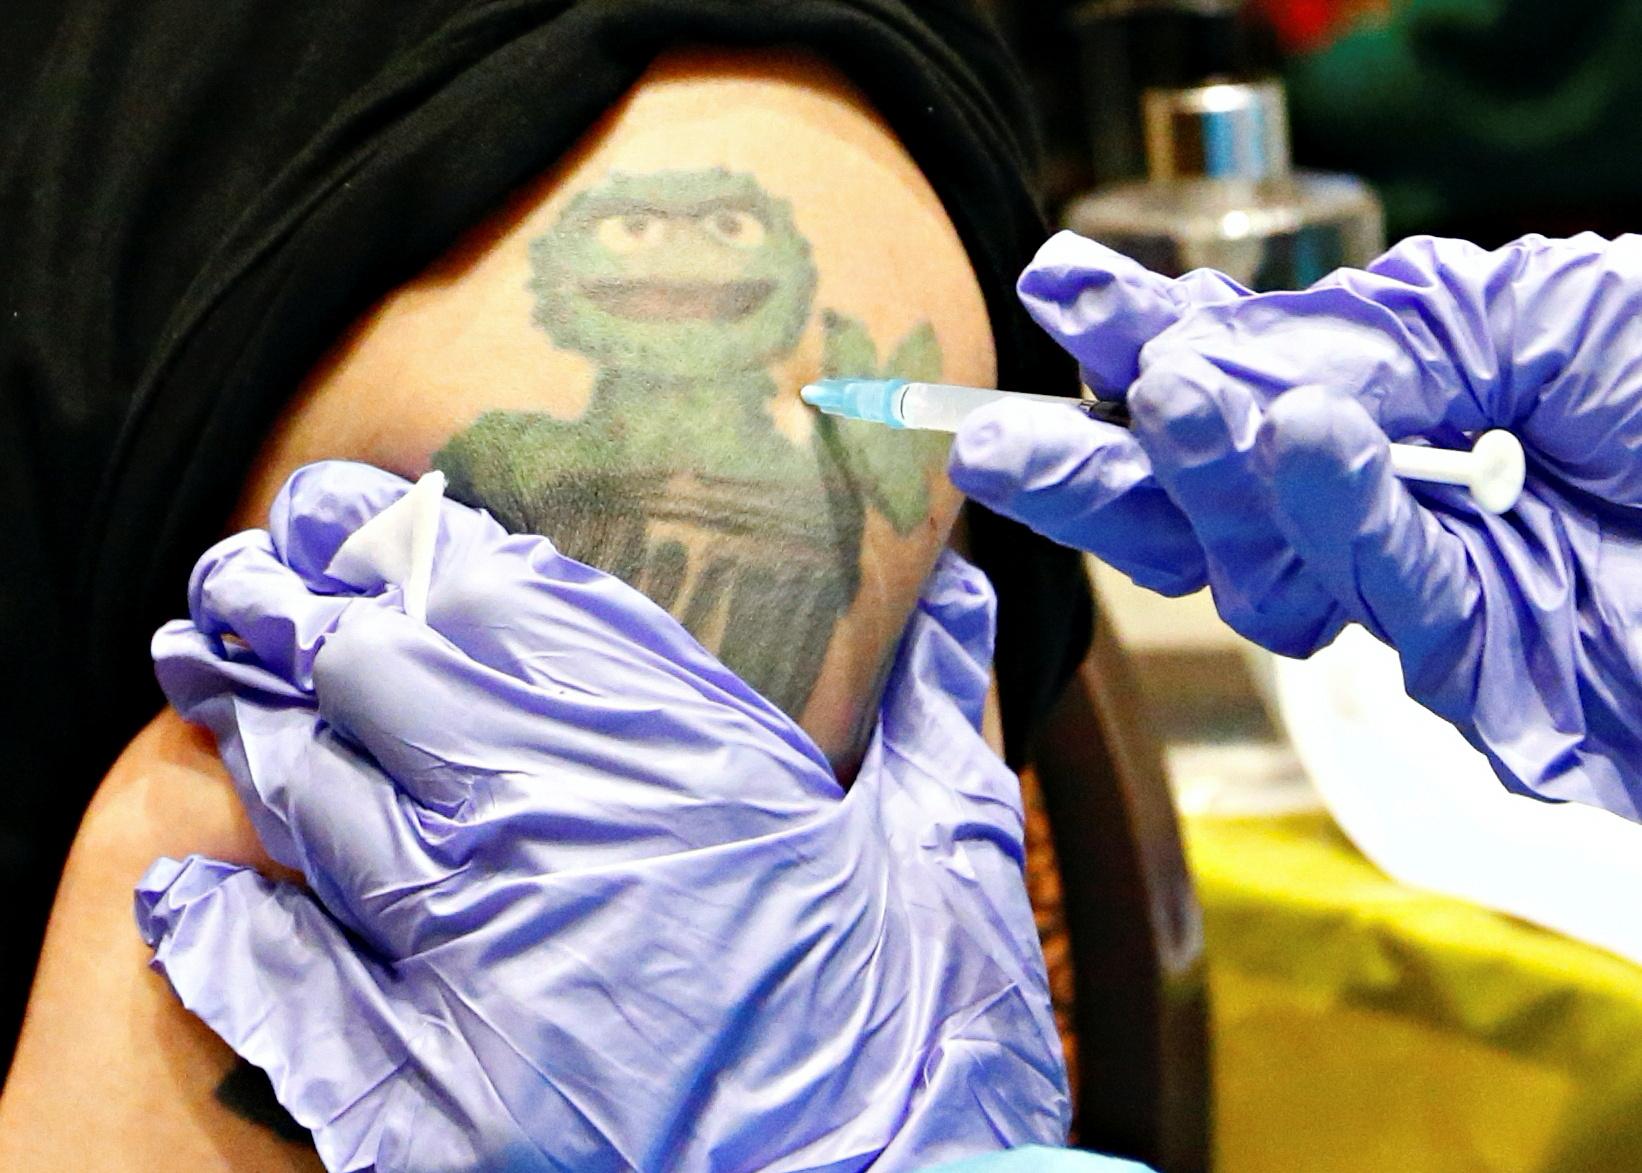 εμβόλιο Βρετανία κορονοϊός